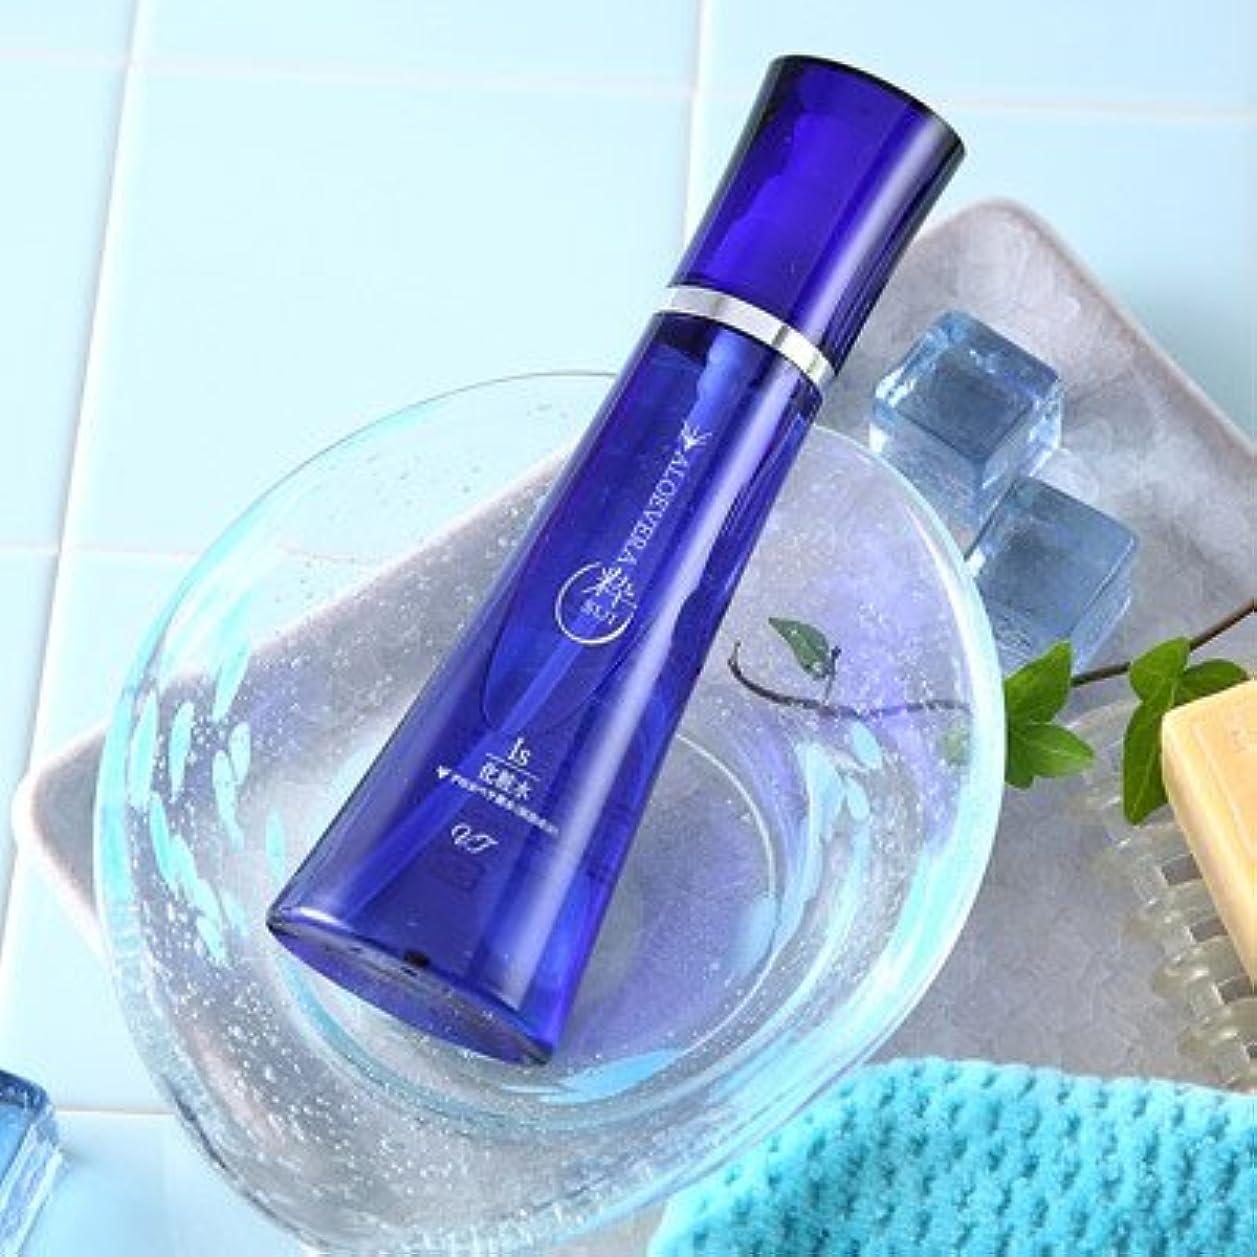 科学的いま番目アロエベラと美肌成分の相乗効果を アロエベラ粋【SUI】化粧水しっとりⅠs